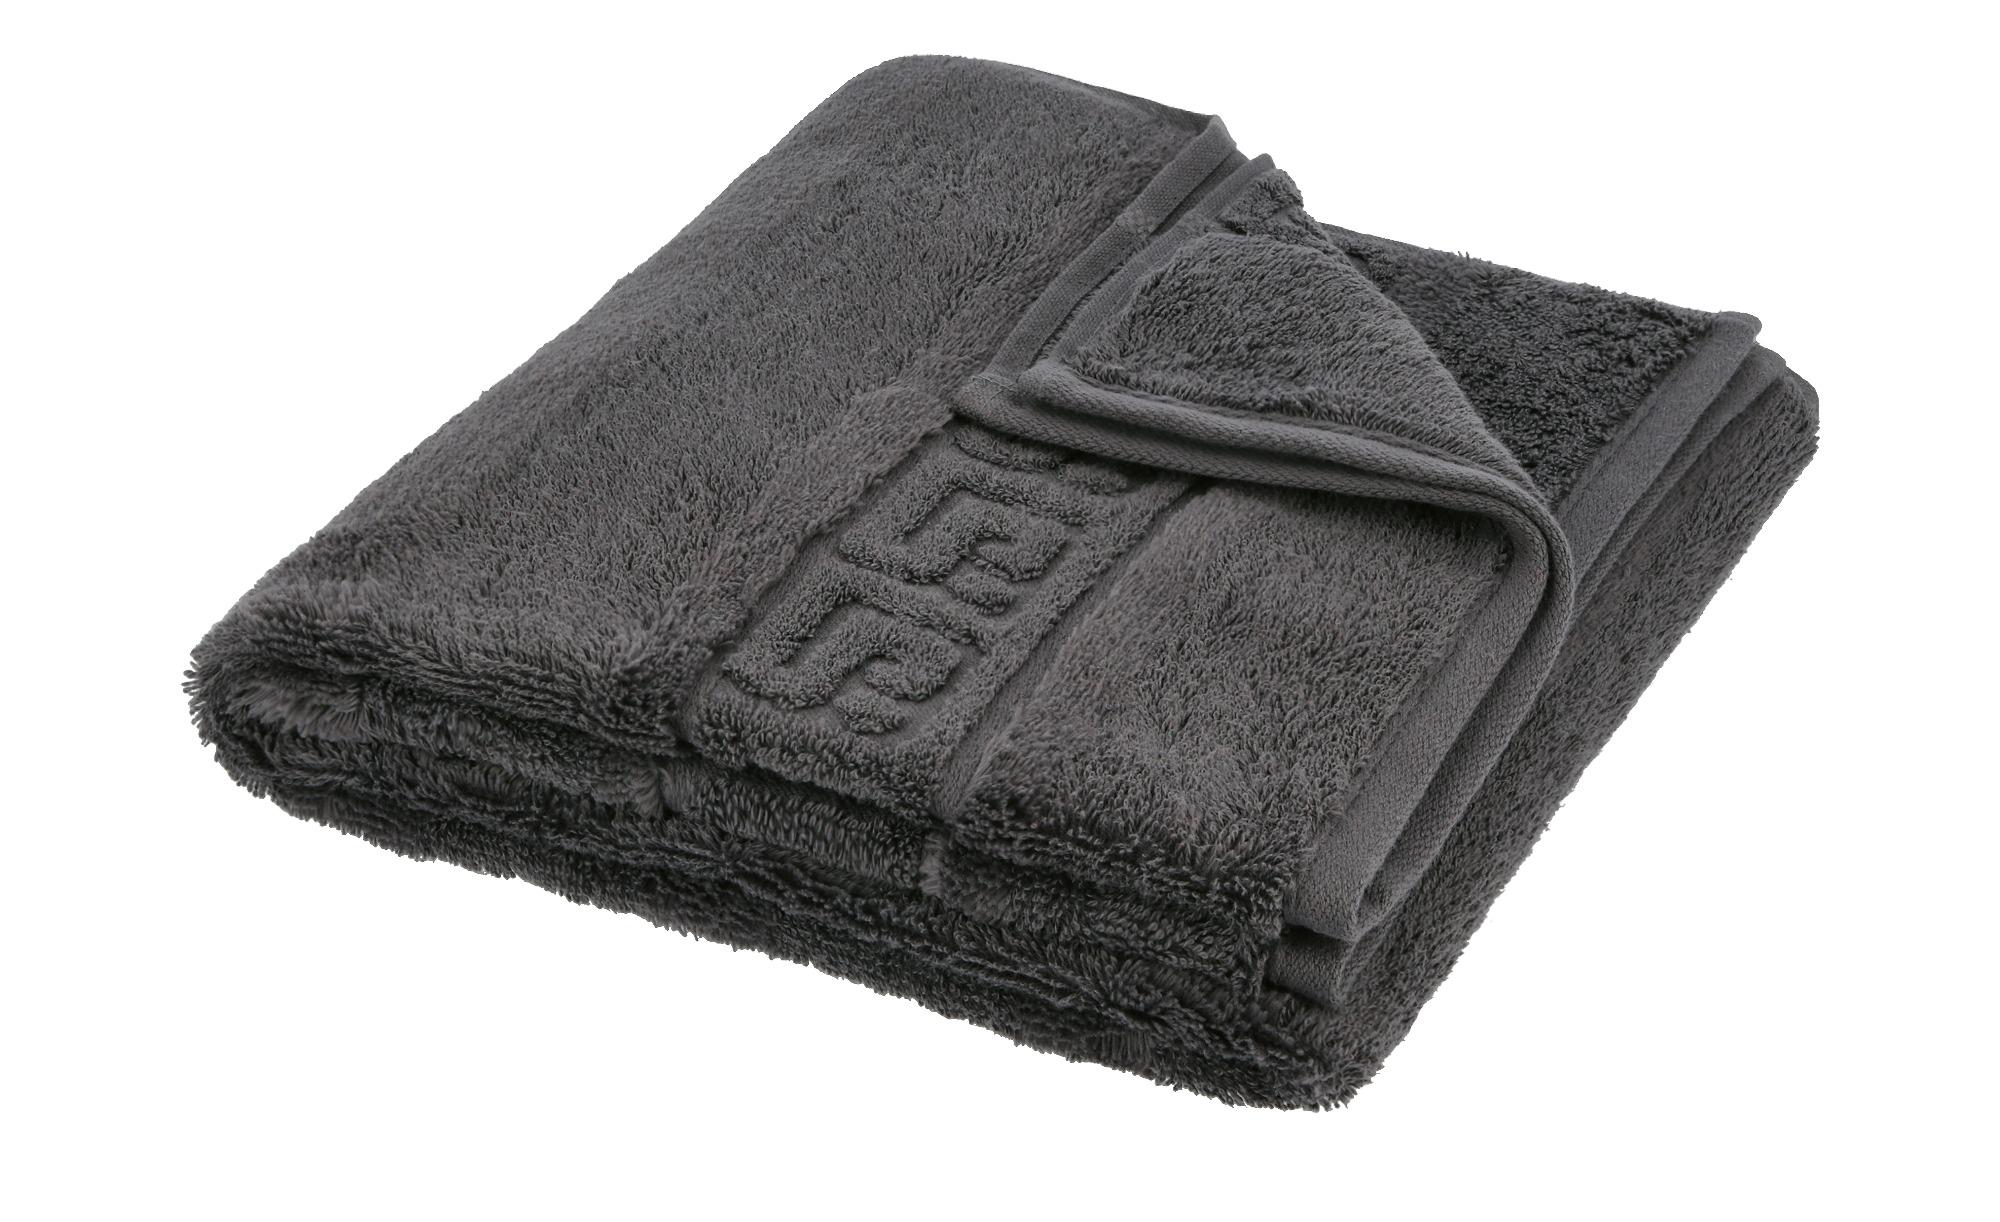 CaWö Handtuch  1001 ¦ grau ¦ 100% Baumwolle ¦ Maße (cm): B: 50 Badtextilien und Zubehör > Handtücher - Höffner